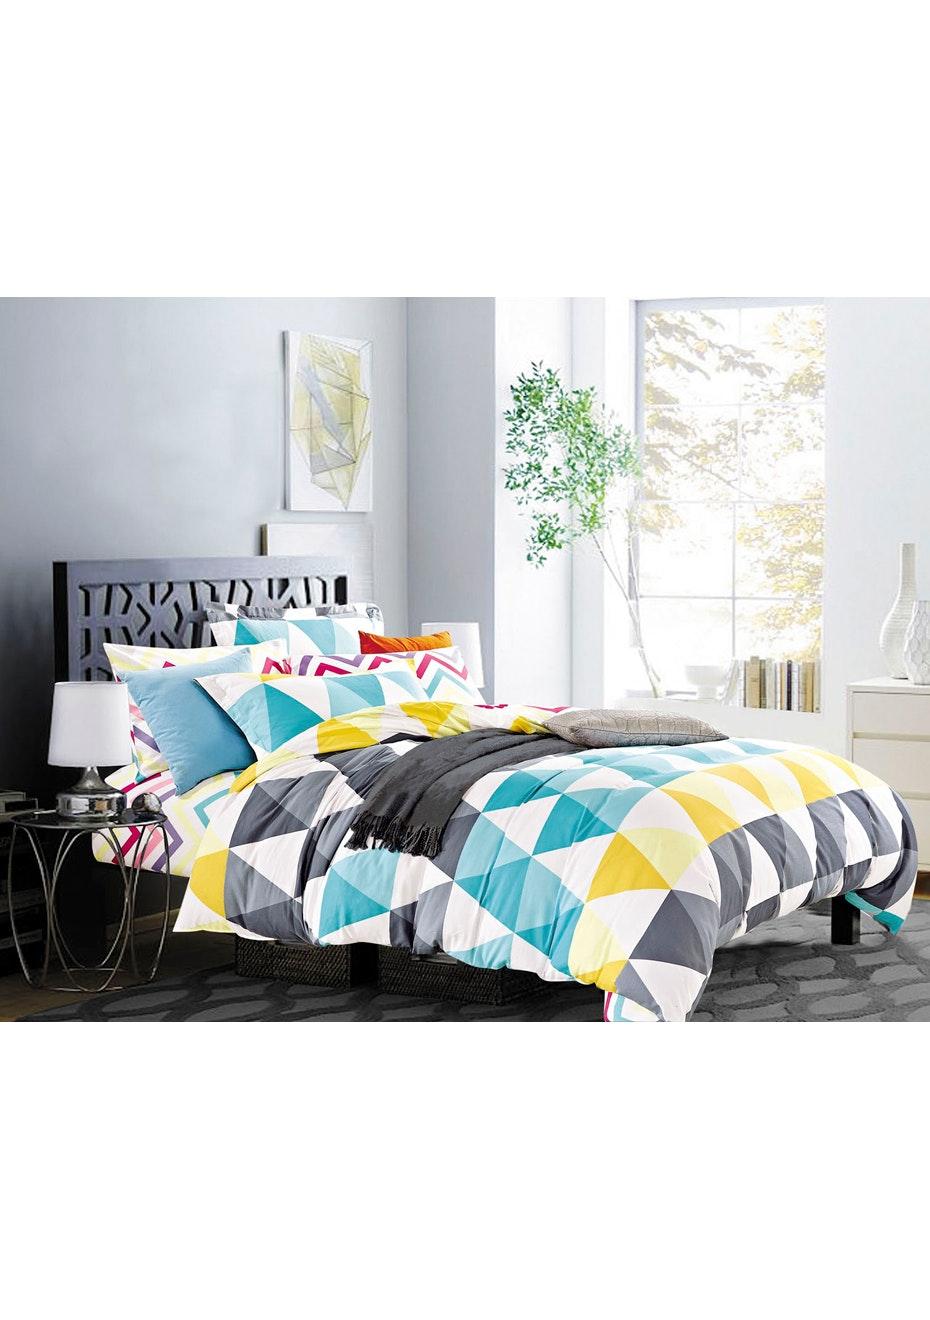 Retreat Quilt Cover Set - Queen Bed - Reversible Design